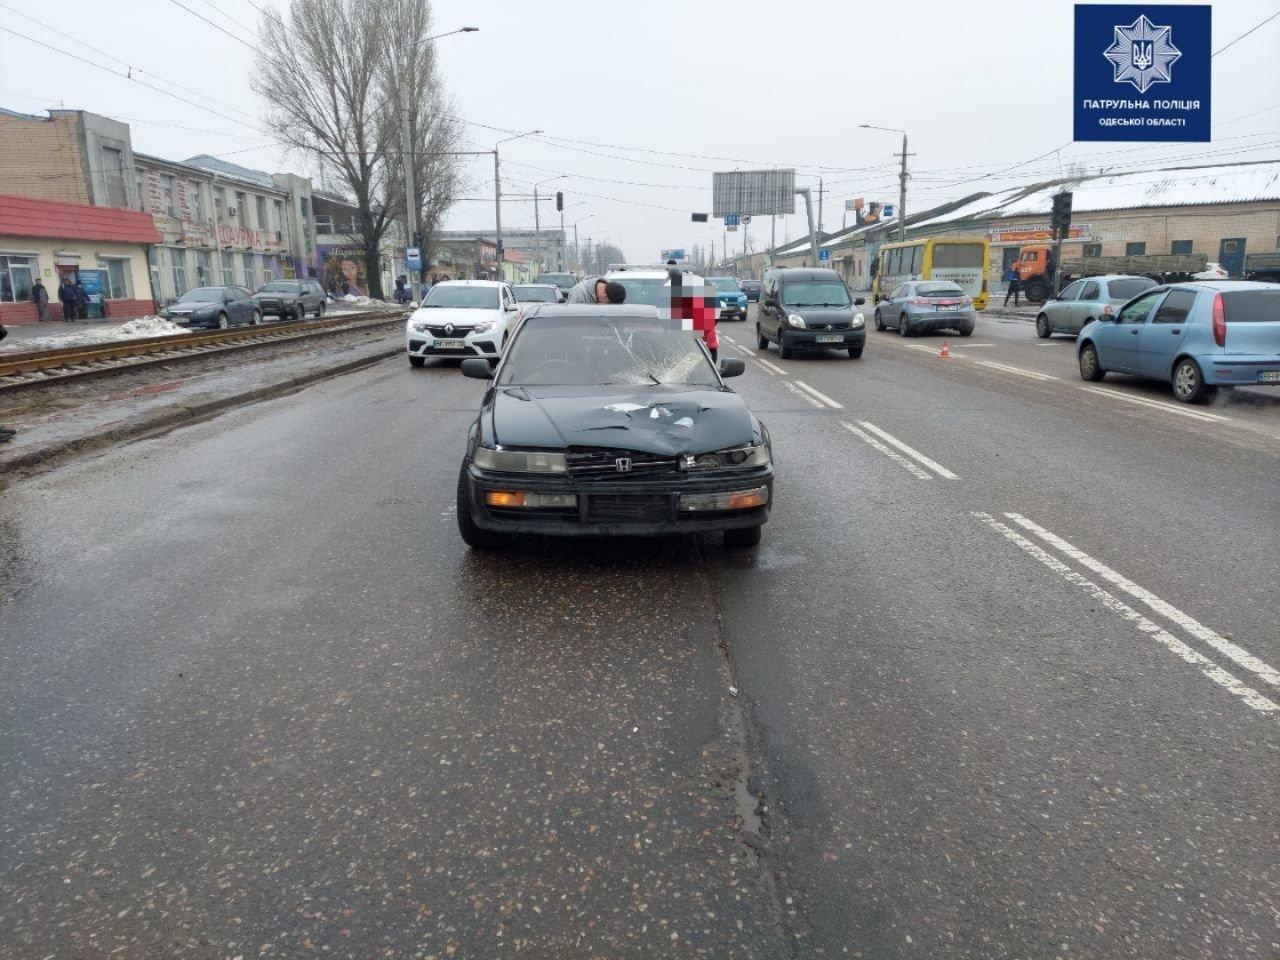 В Одессе в Суворовском районе водитель сбил пешехода, - ФОТО2